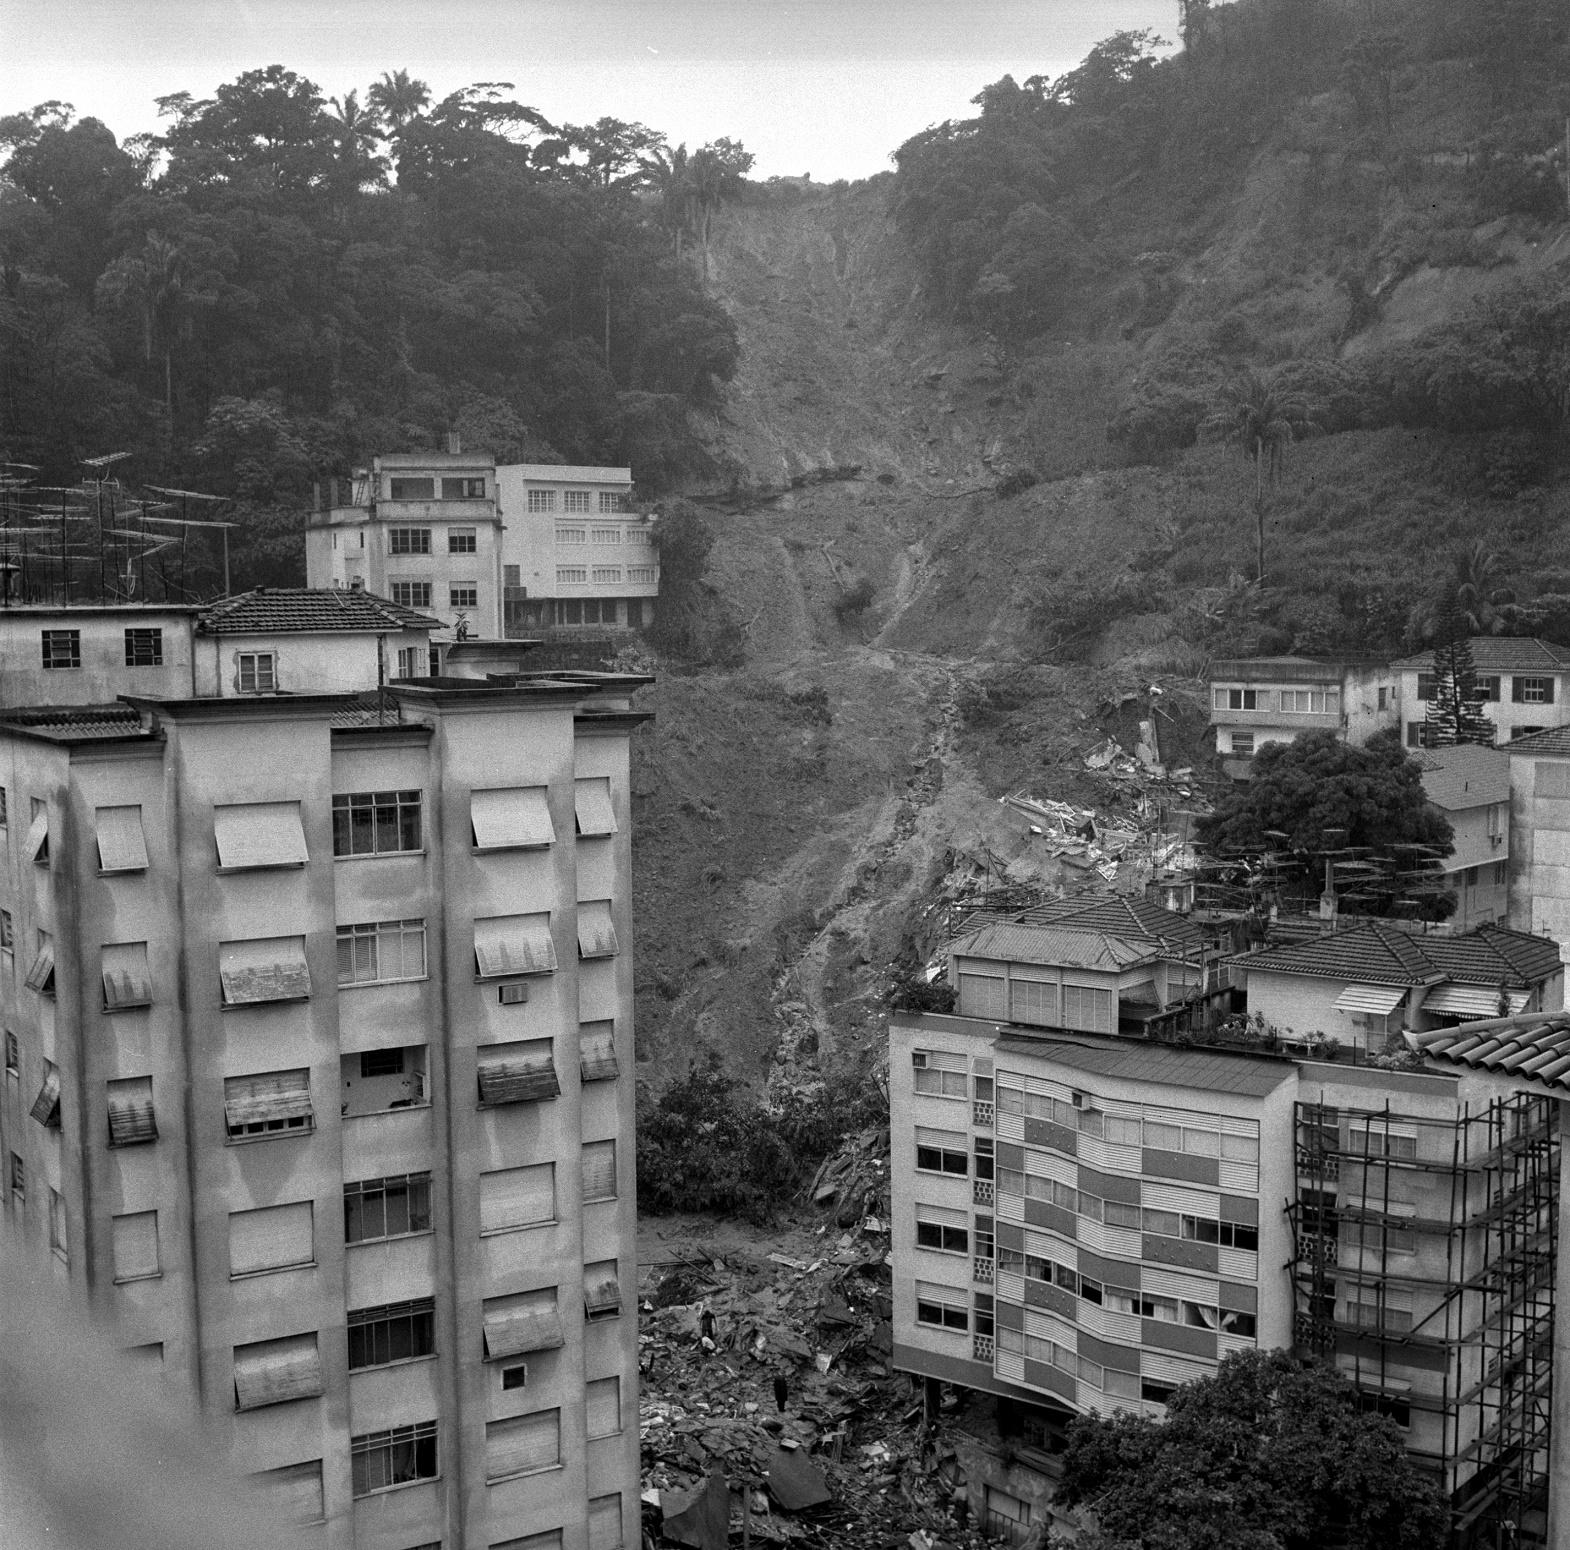 Há 50 anos, a tragédia vista da General Glicério. Uma pedra imensa rolou, derrubou uma casa, dois prédios e deixou 120 mortos. Foto Agência Globo